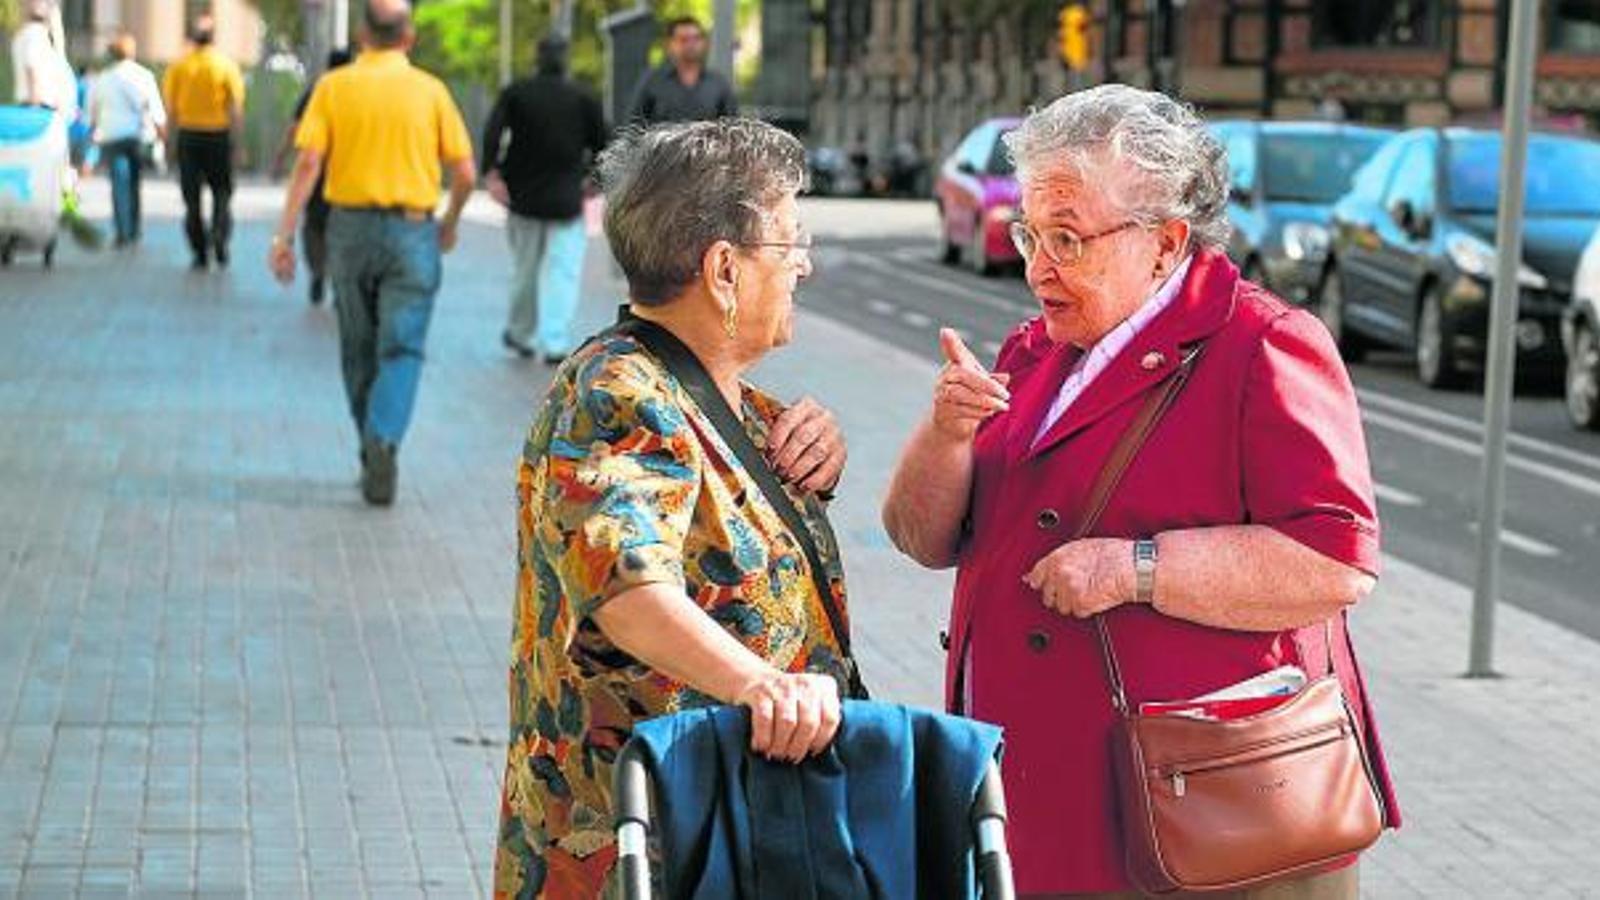 L'OCDE recomana a Espanya que vinculi l'edat de jubilació a l'esperança de vida